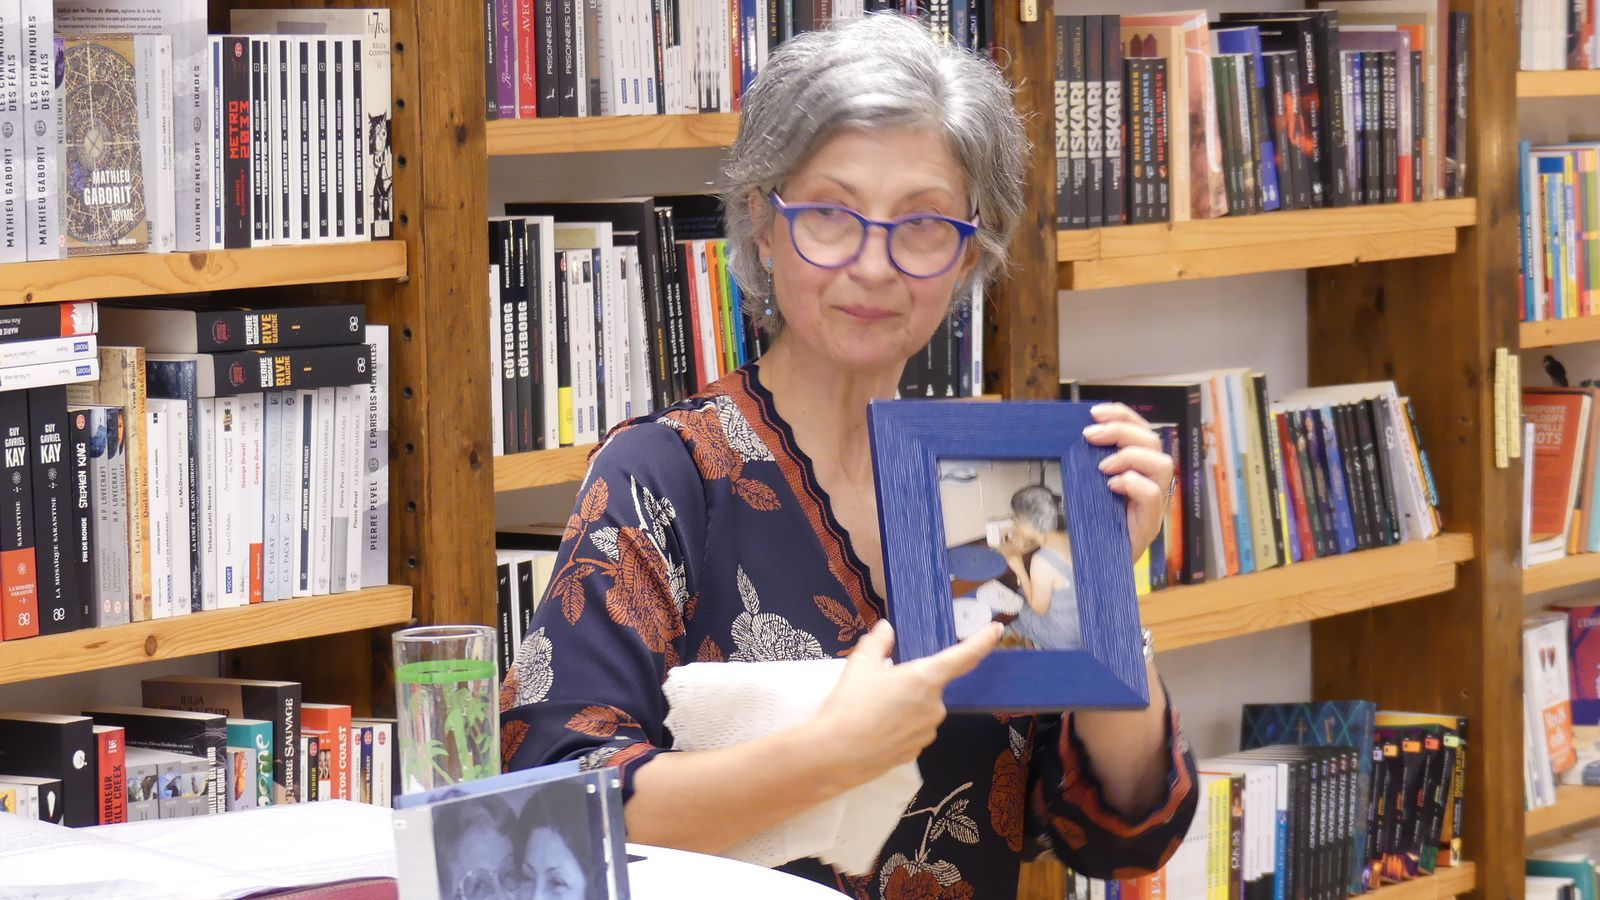 Deux objets à découvrir : un napperon + le cadre bleu dans lequel est glissée une photo de maman avec ses napperons bordés de dentelle tunisienne Chebka